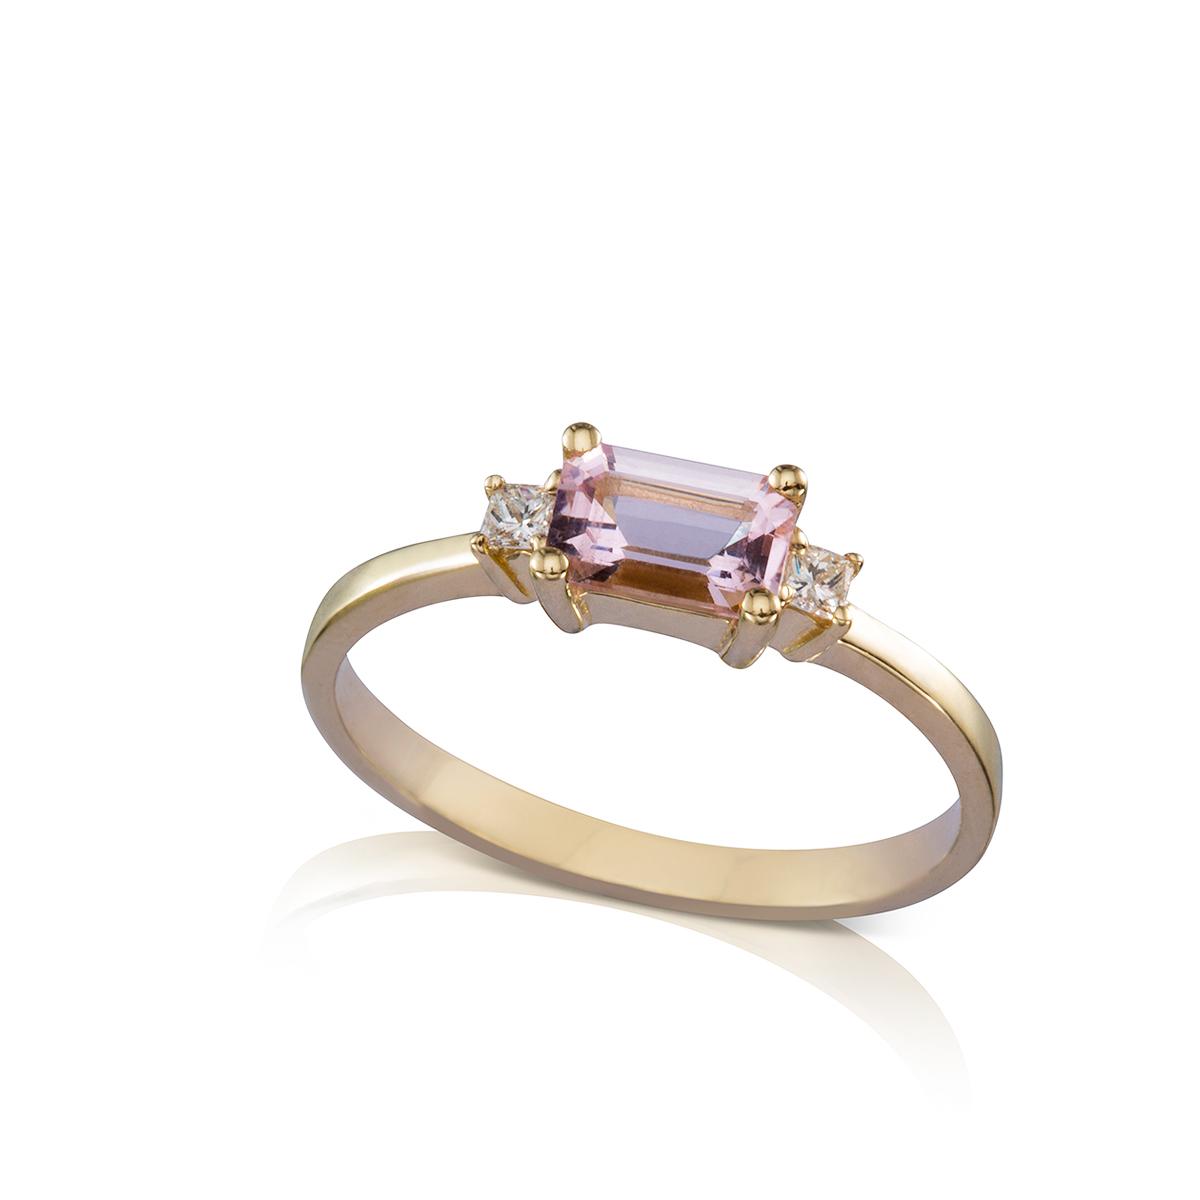 טבעת מורגנייט ויהלומים בחיתוך מרובע